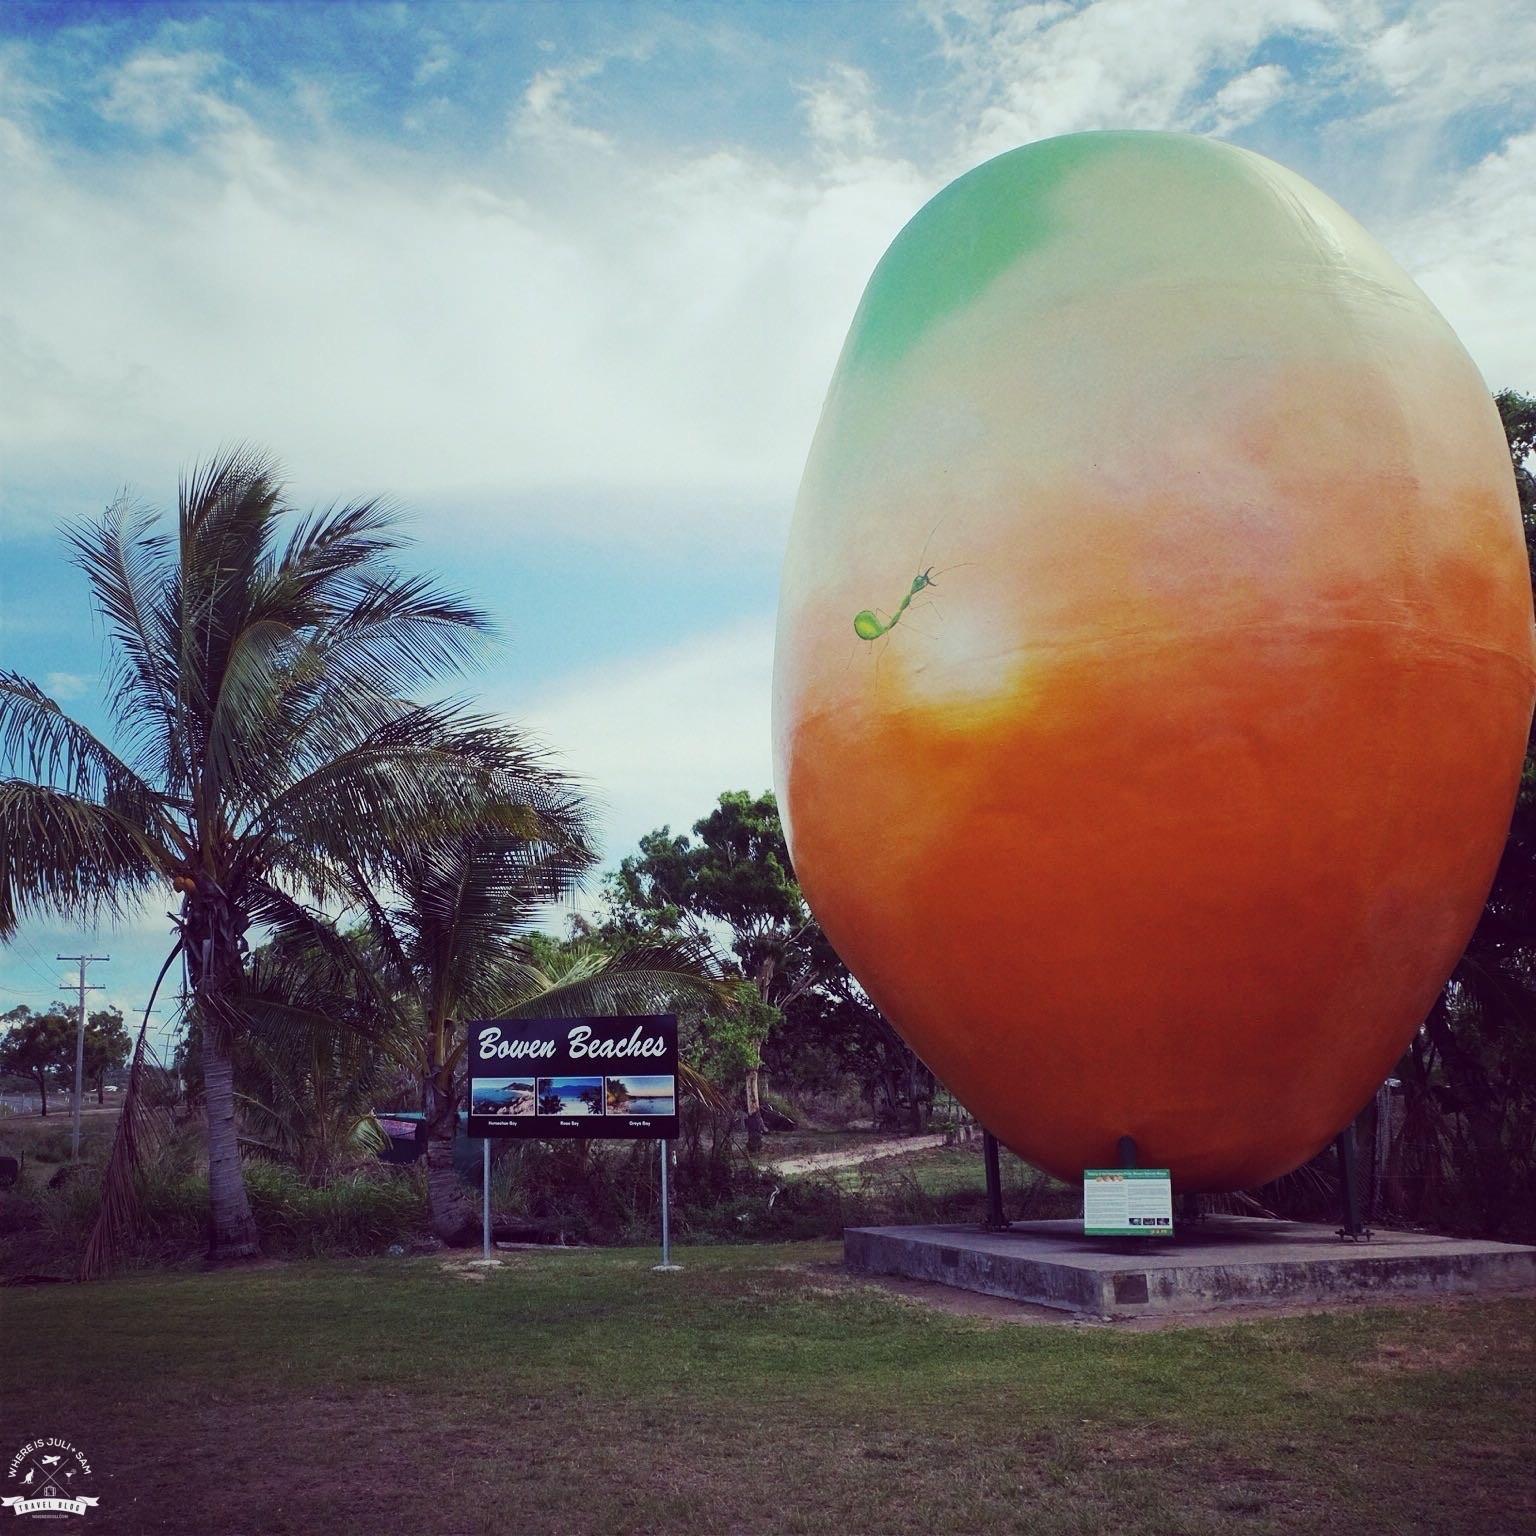 Wielkie mango